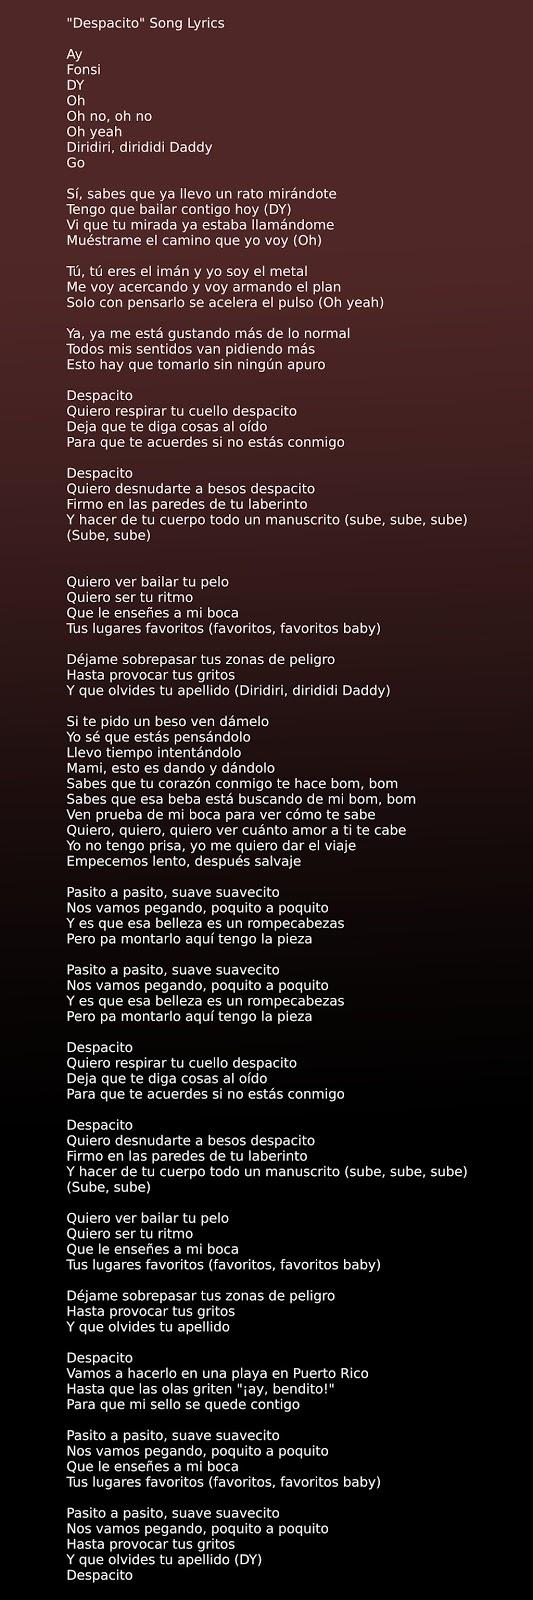 Luis Fonsi - Despacito ft. Daddy Yankee Song Lyrics in image